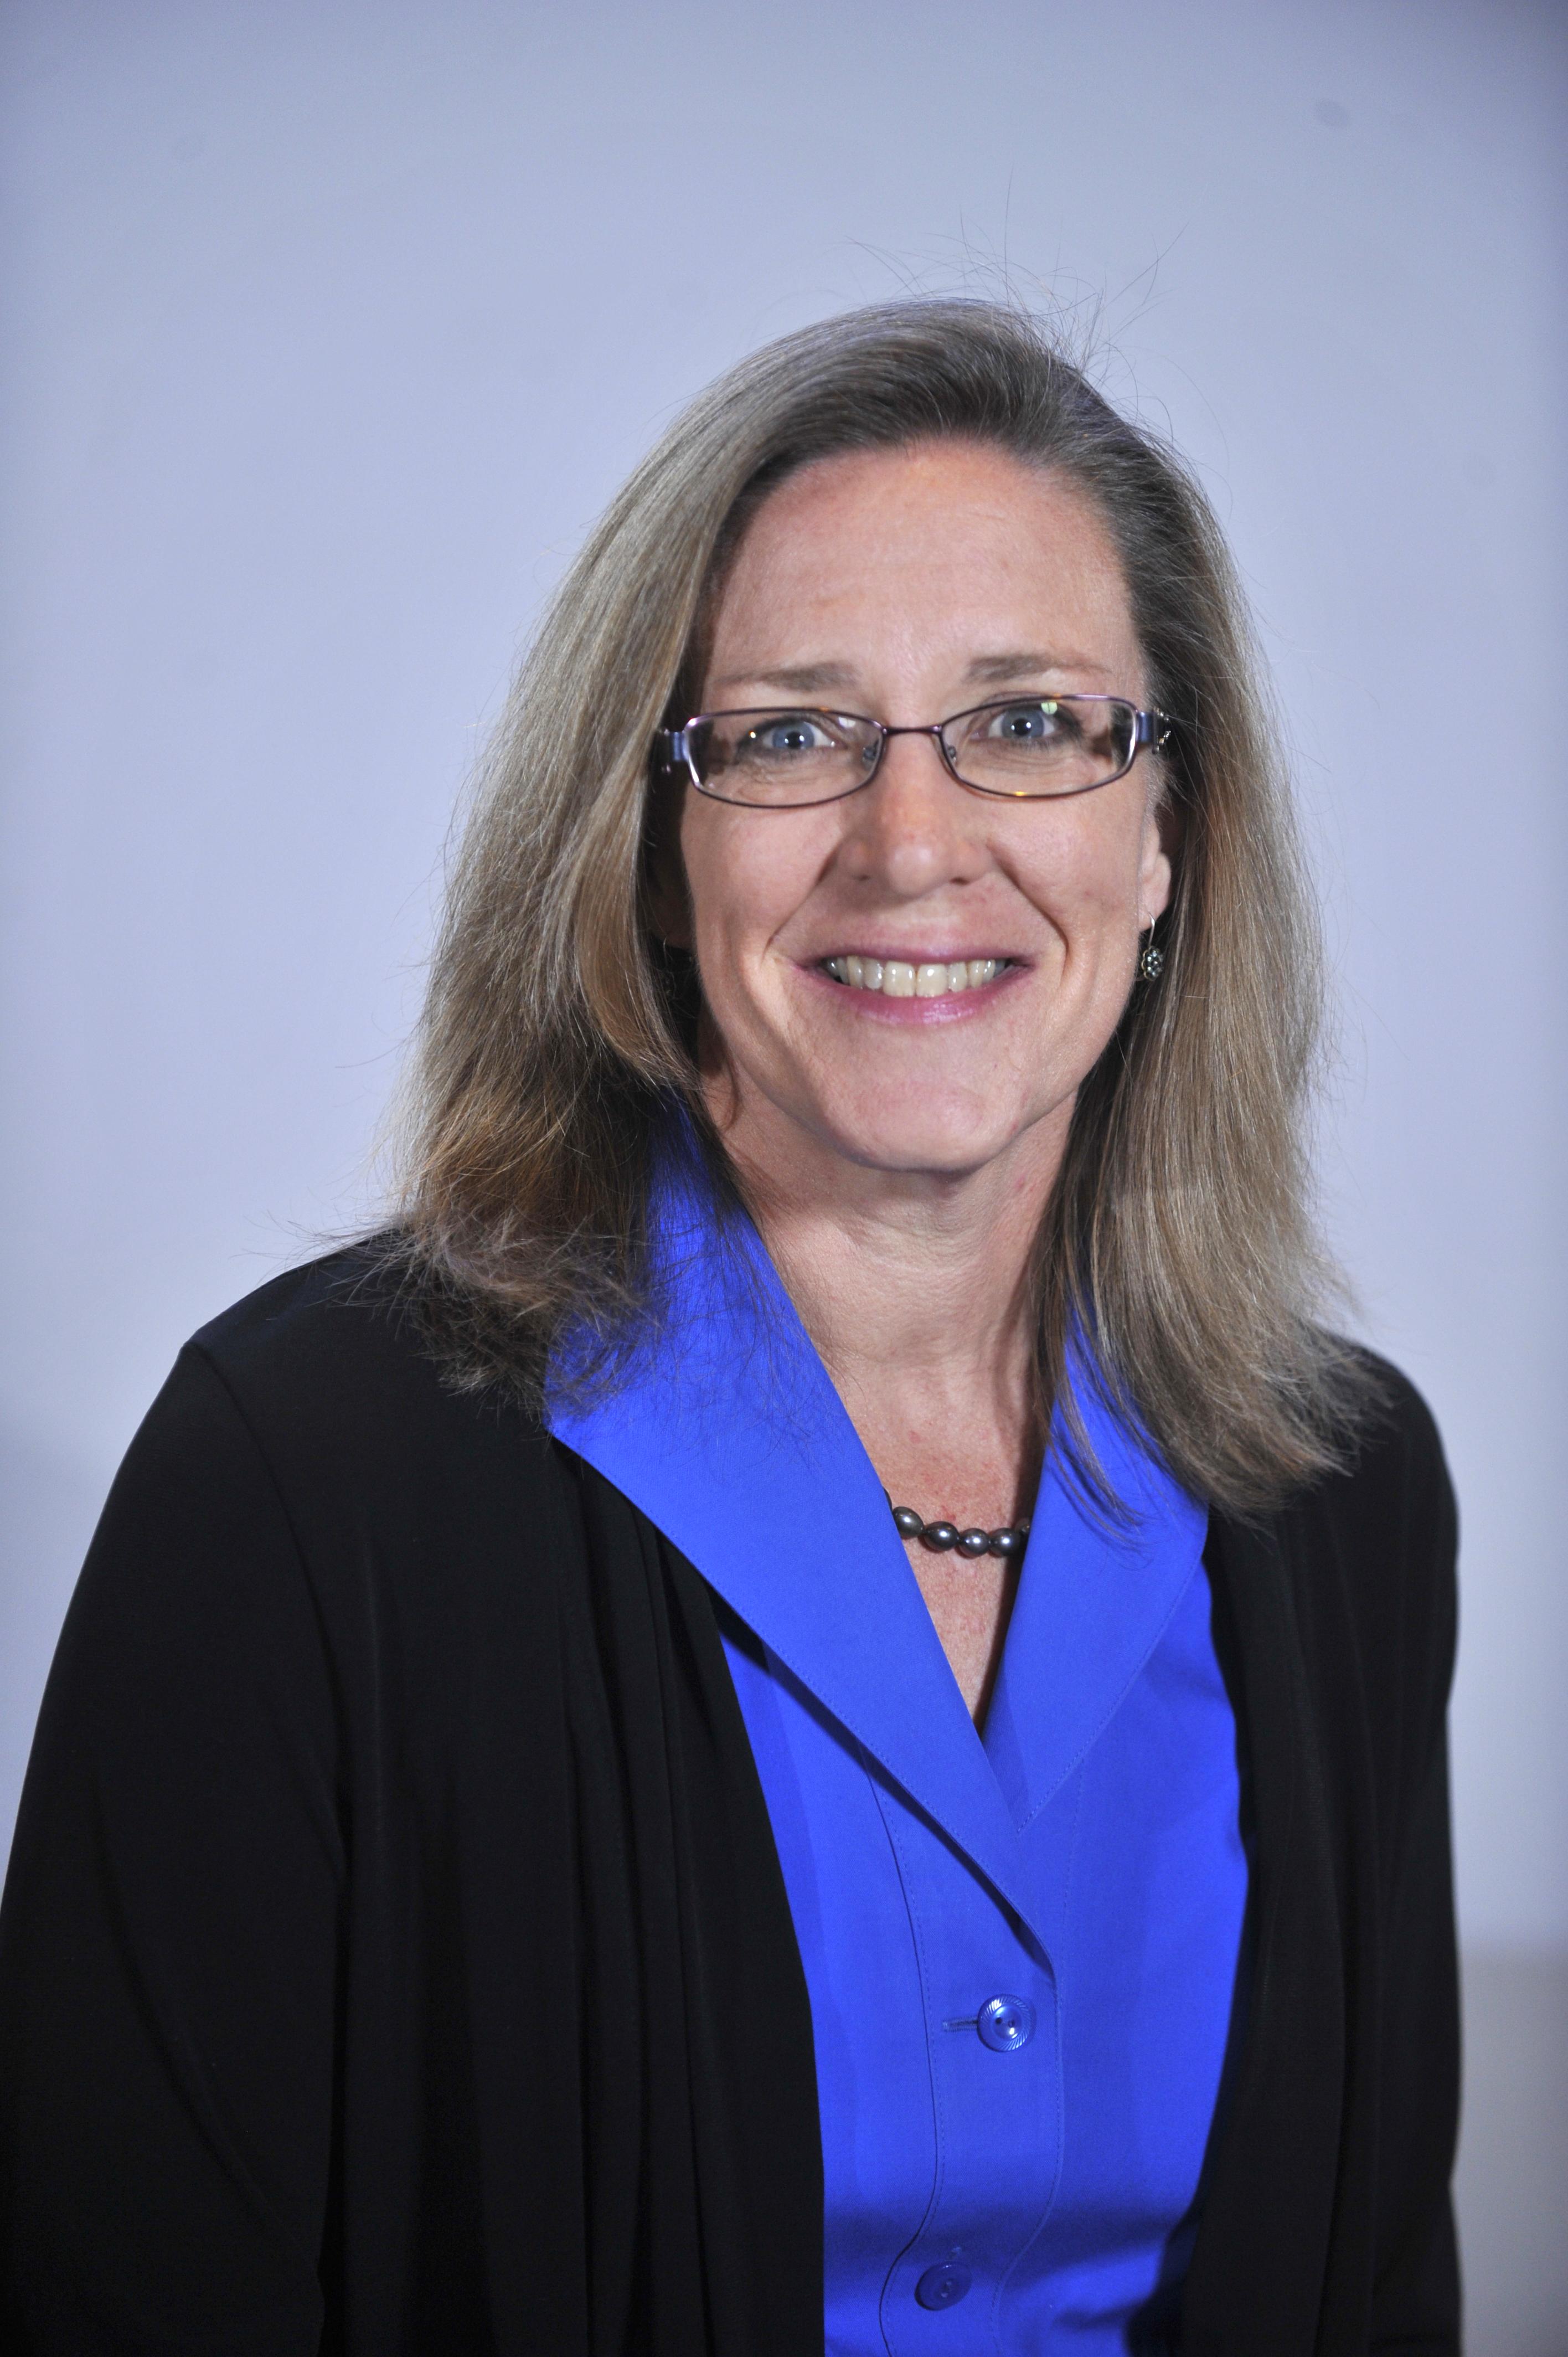 Michelle Bates Deakin